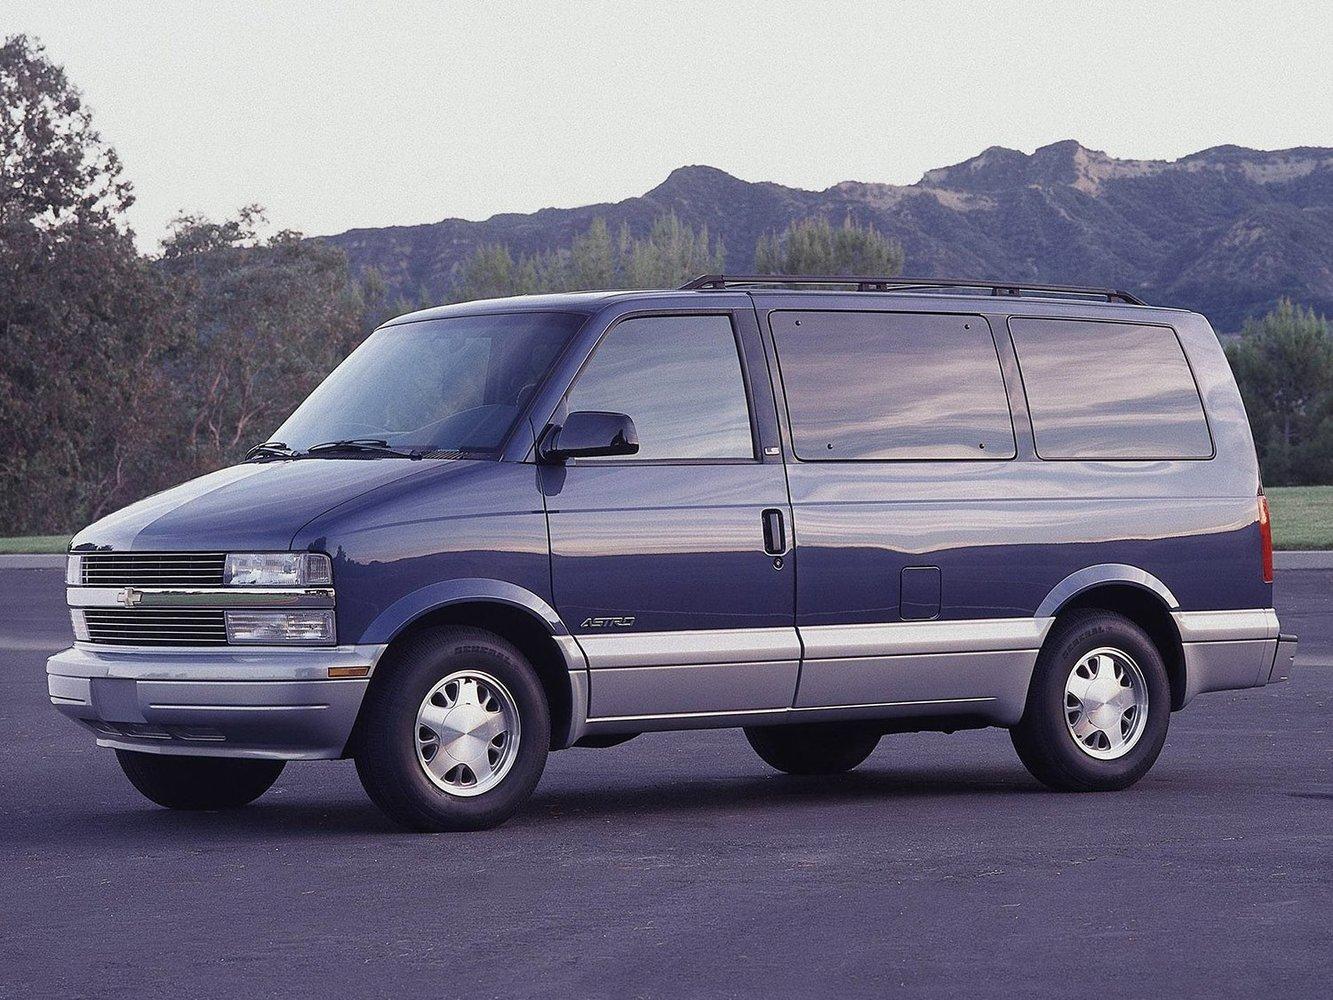 микроавтобус Chevrolet Astro